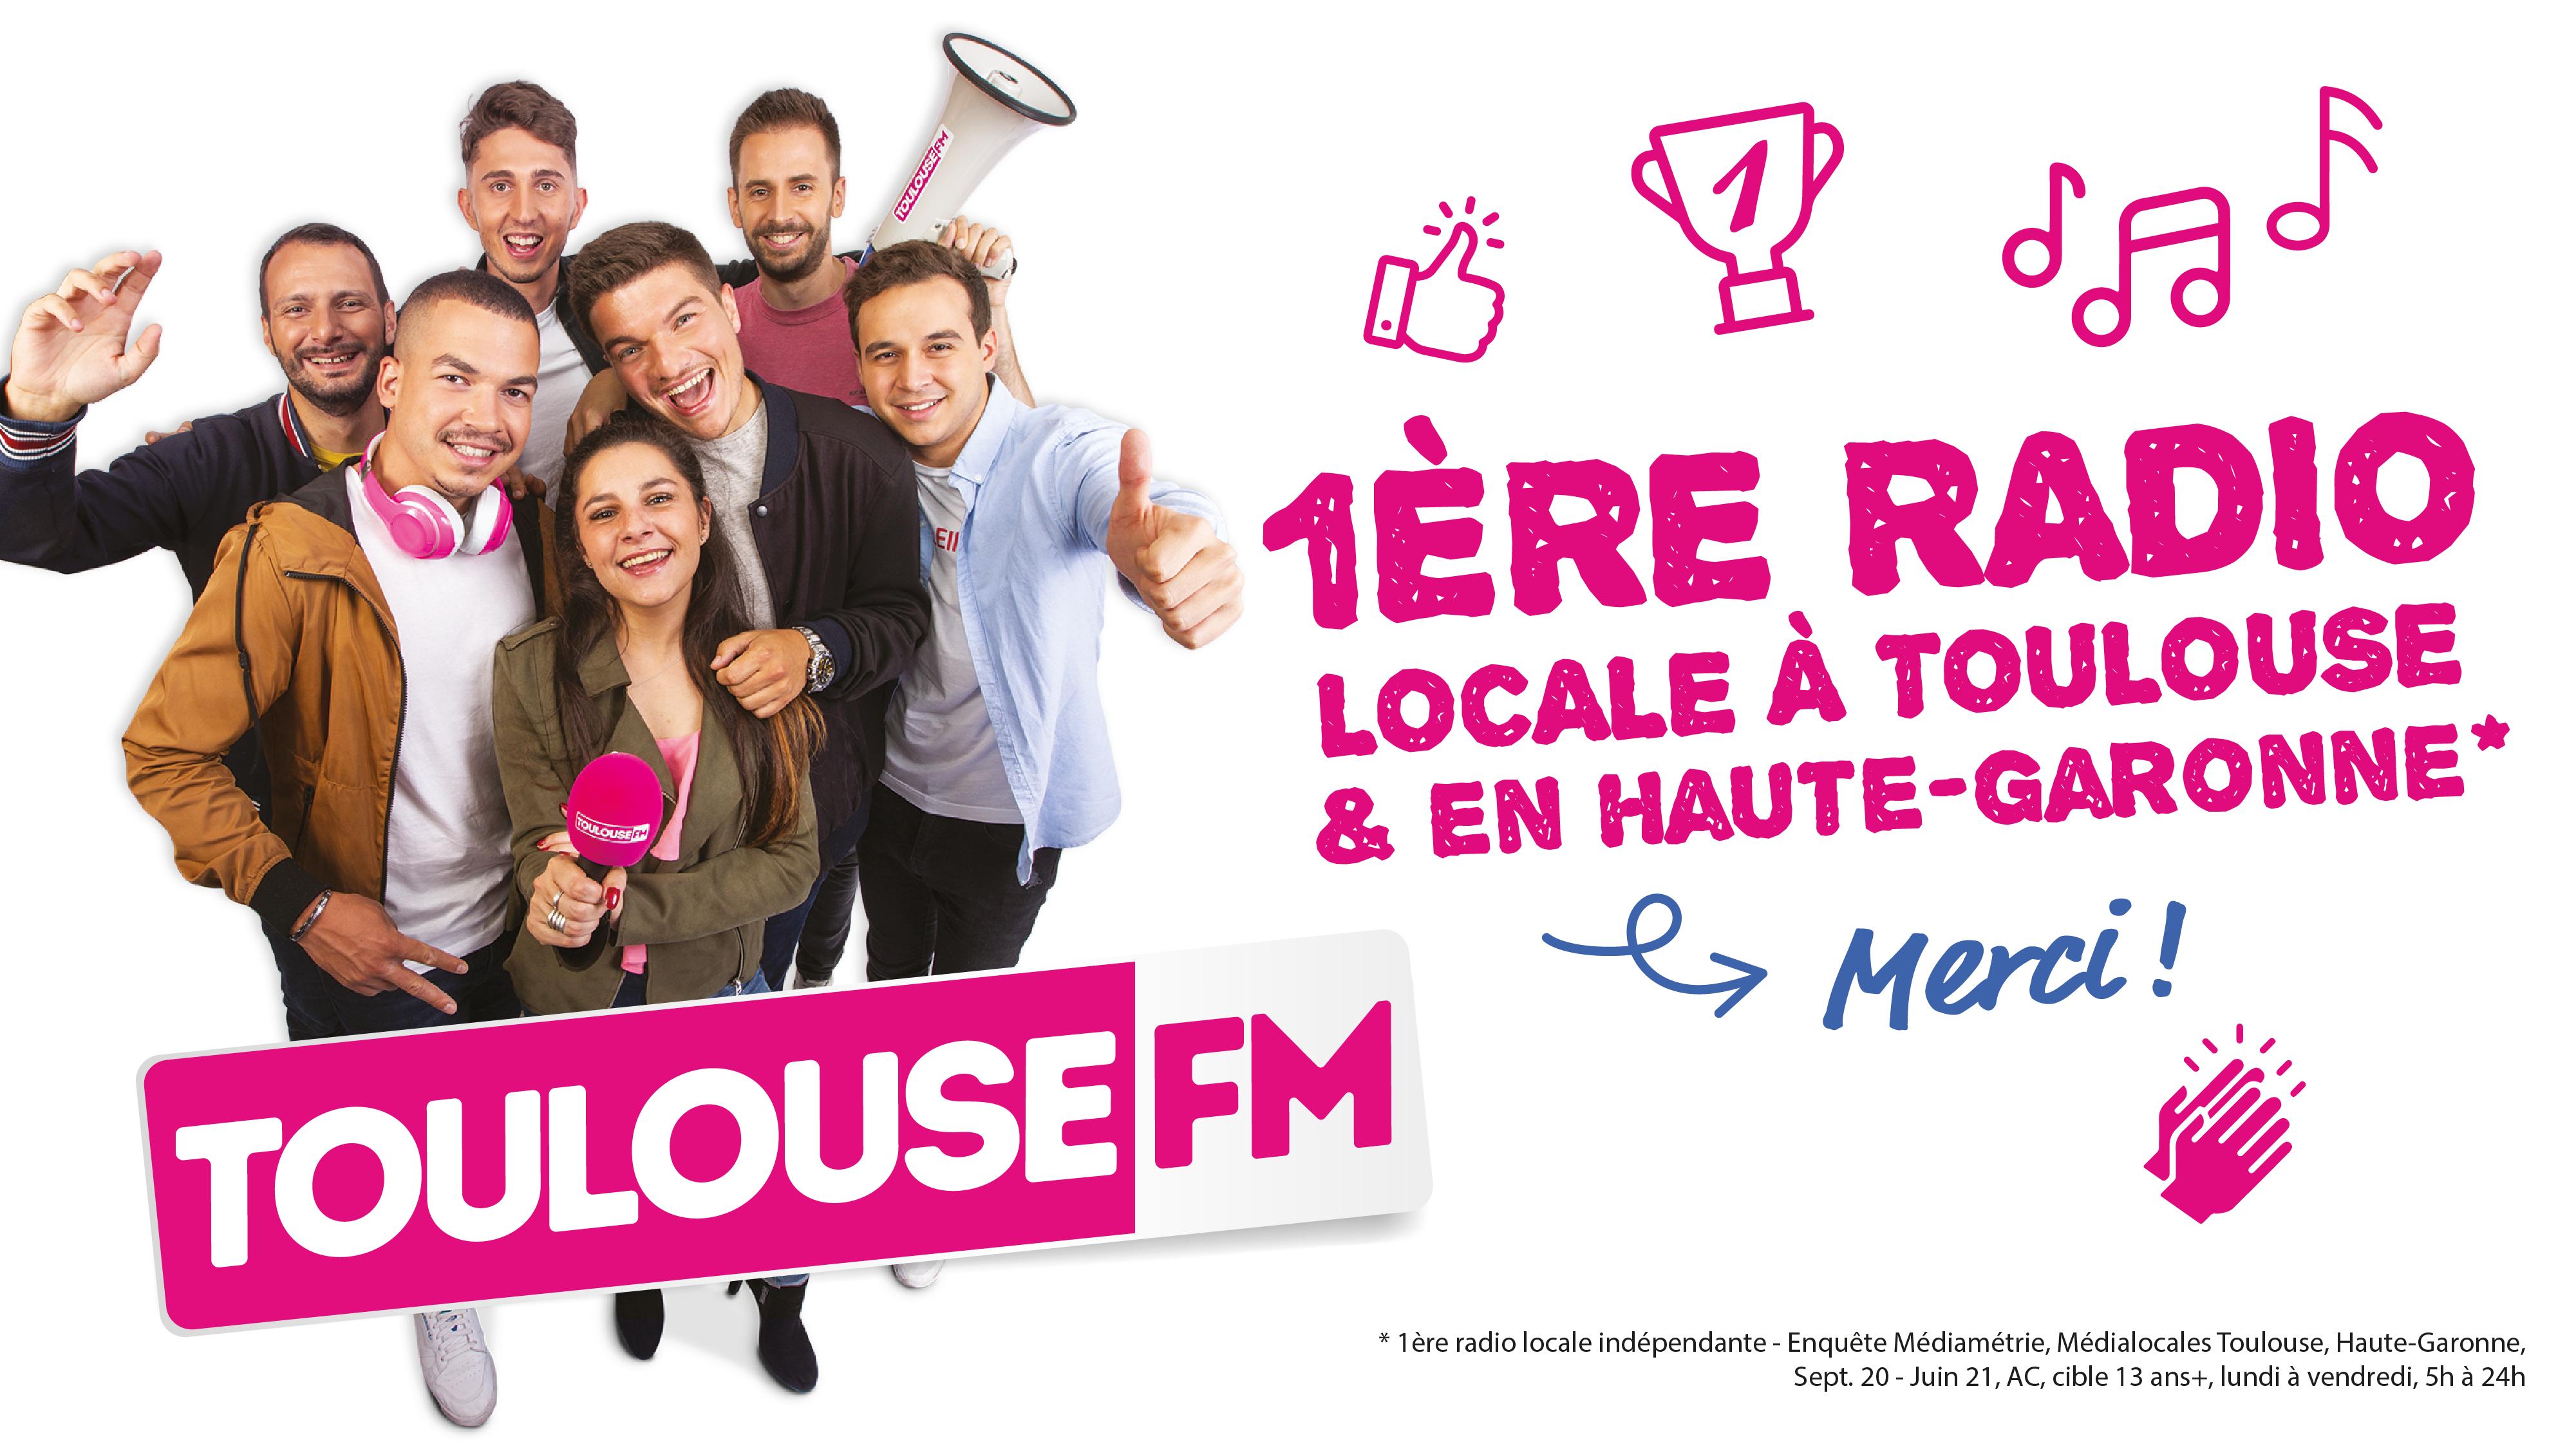 Toulouse FM : 1ère radio locale à Toulouse et en Haute-Garonne